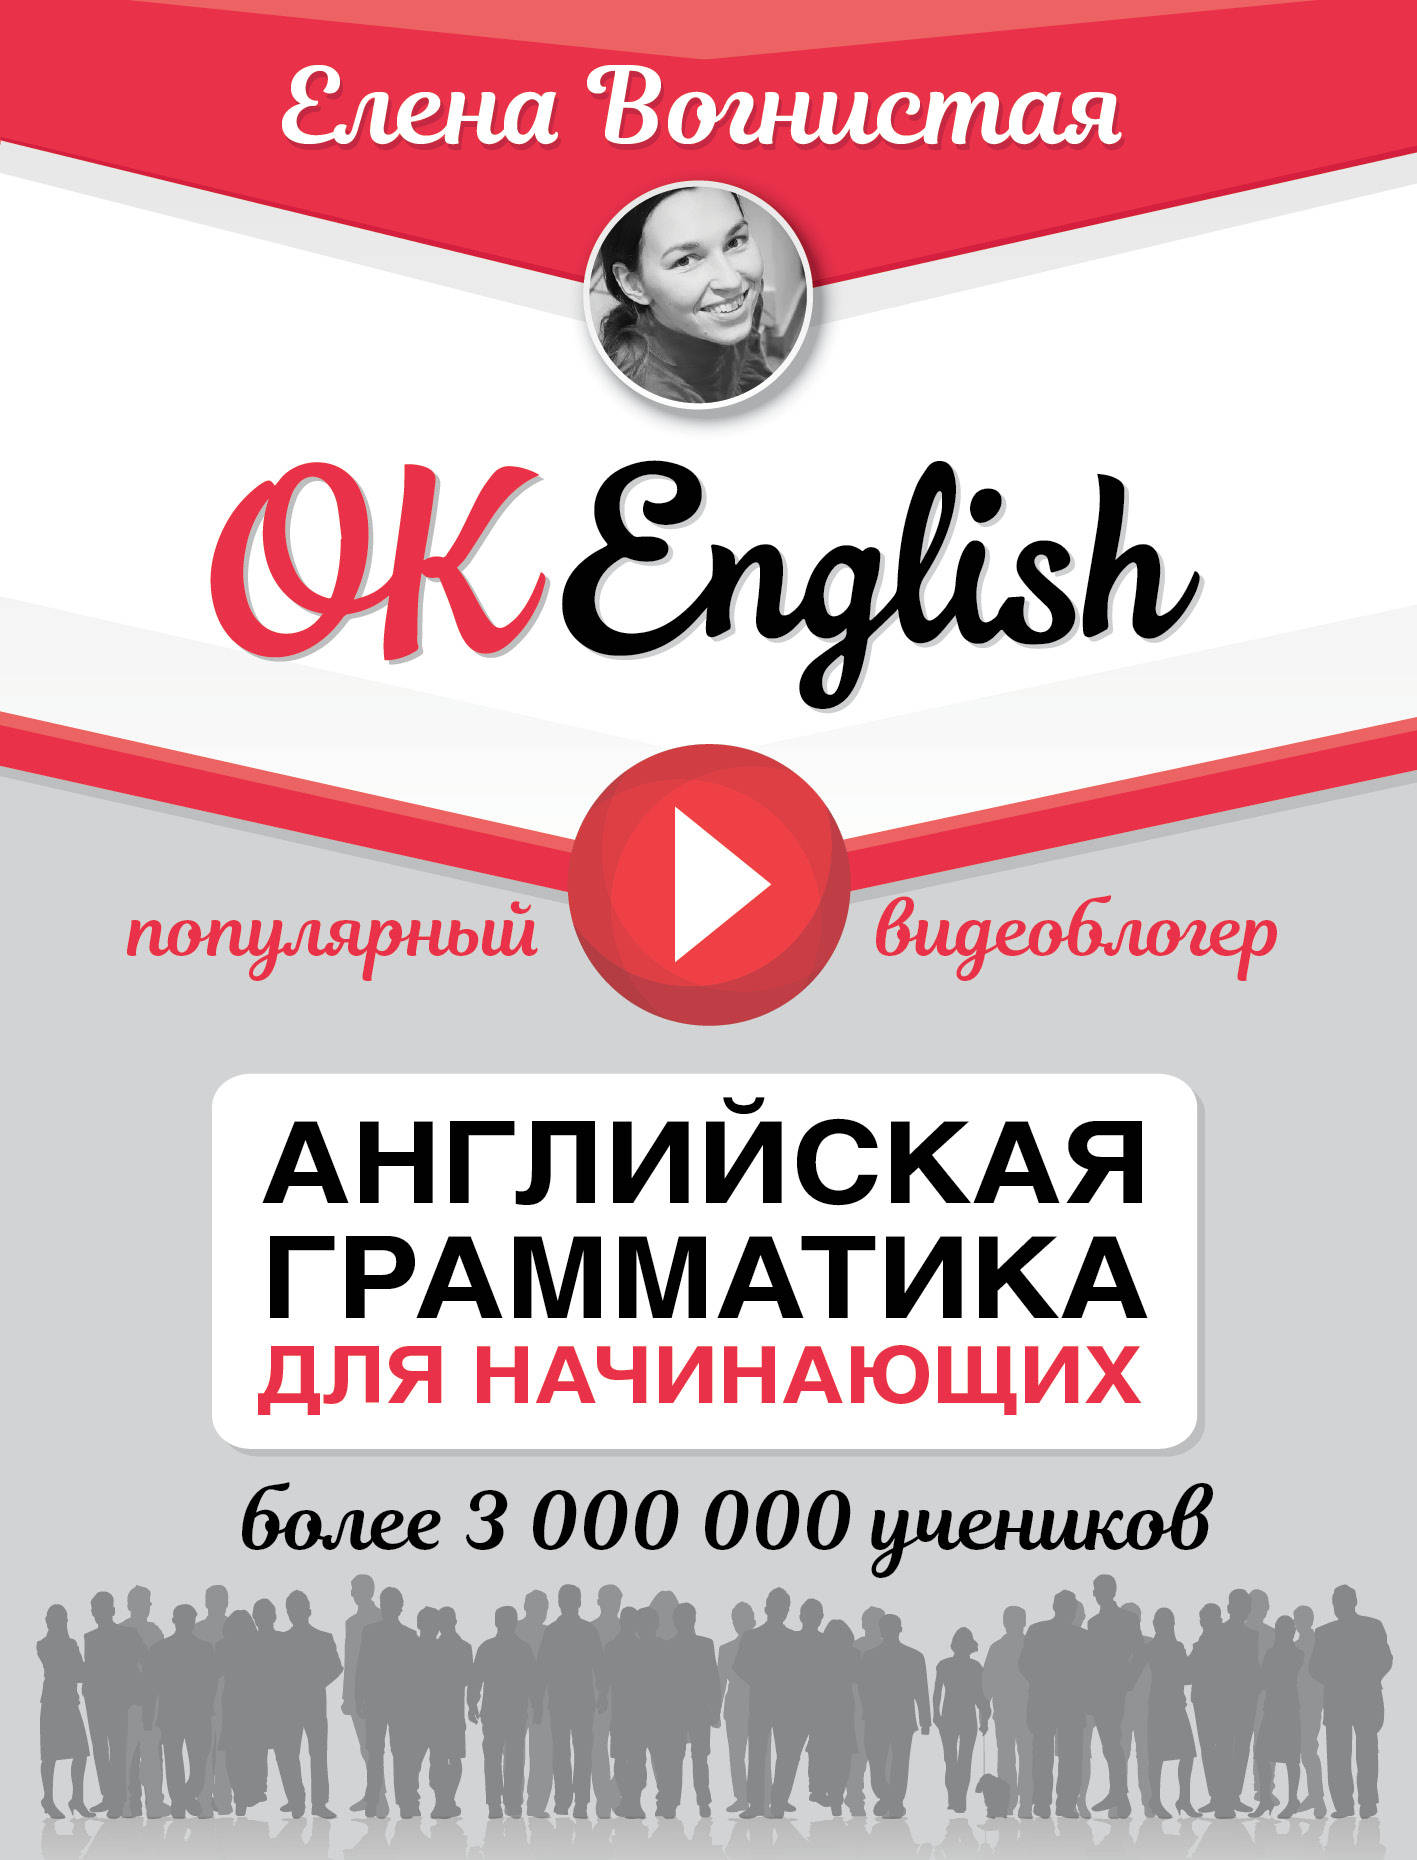 Елена Вогнистая OK English! Английская грамматика для начинающих